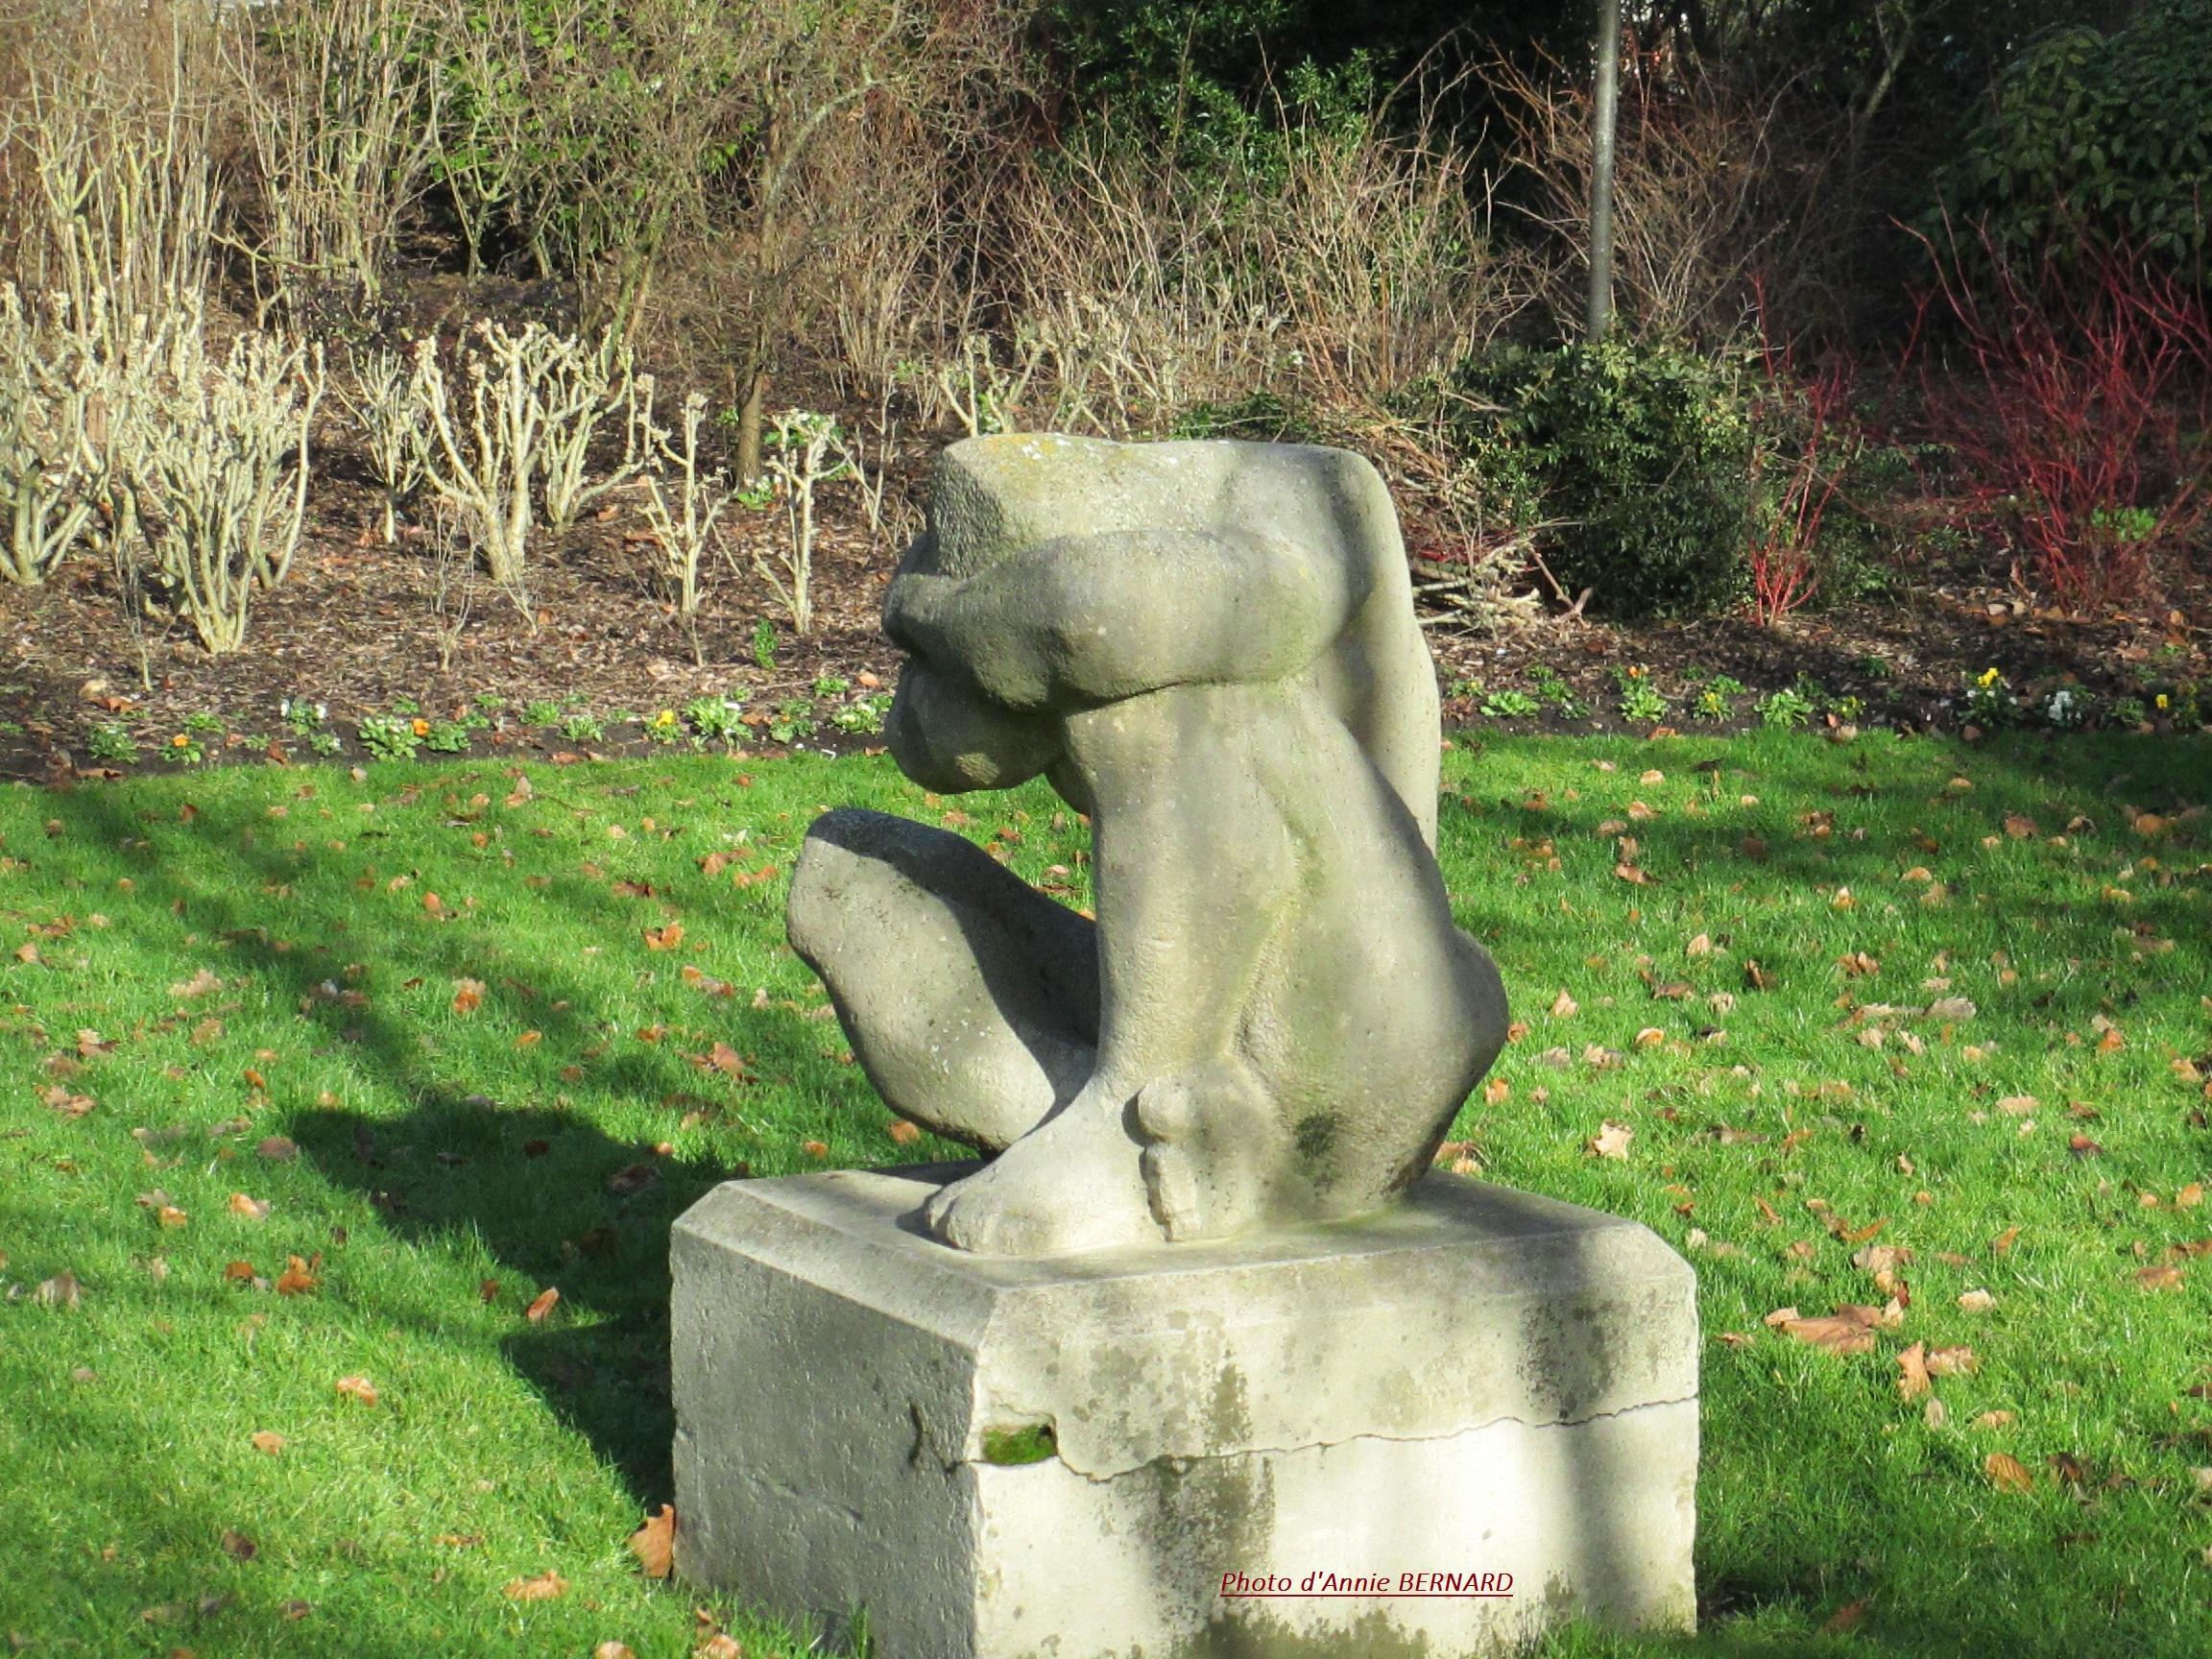 La statue: Le crépuscule du sculpteur Mougin datant de 1954